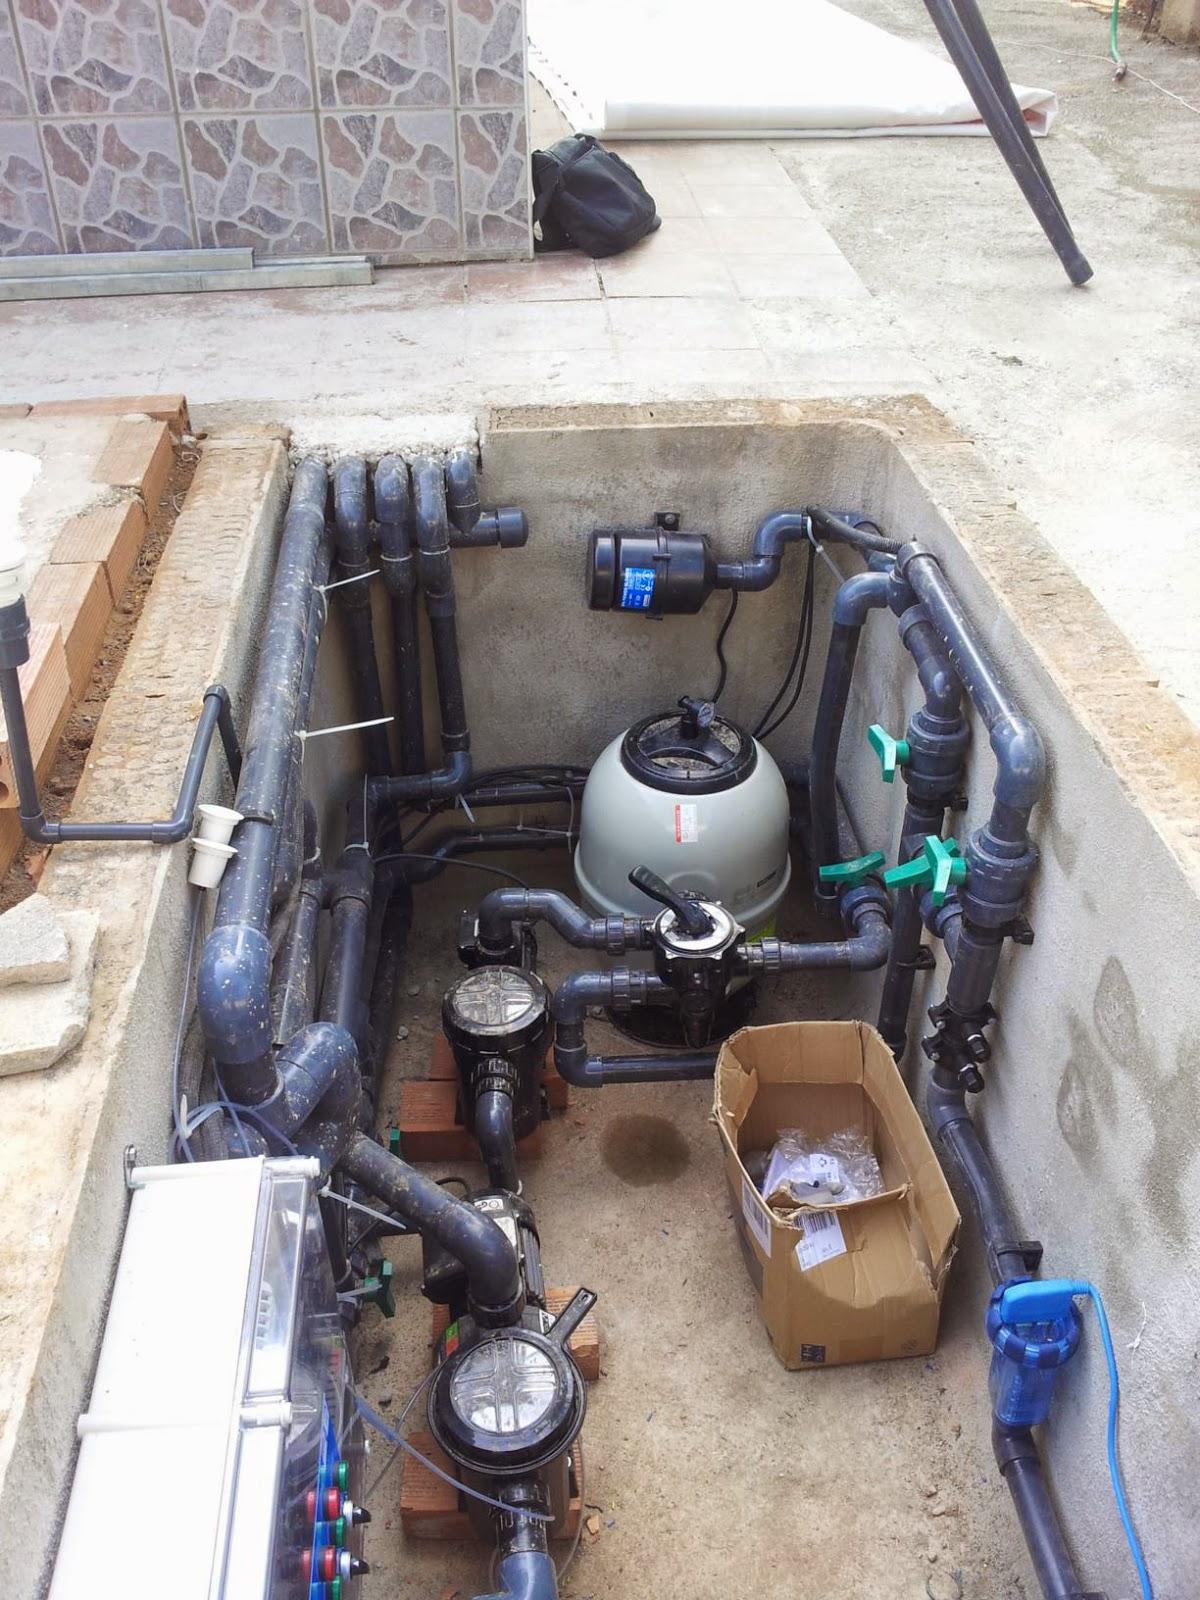 Construcci n reparacion y mantenimientos de piscinas for Materiales para piscinas